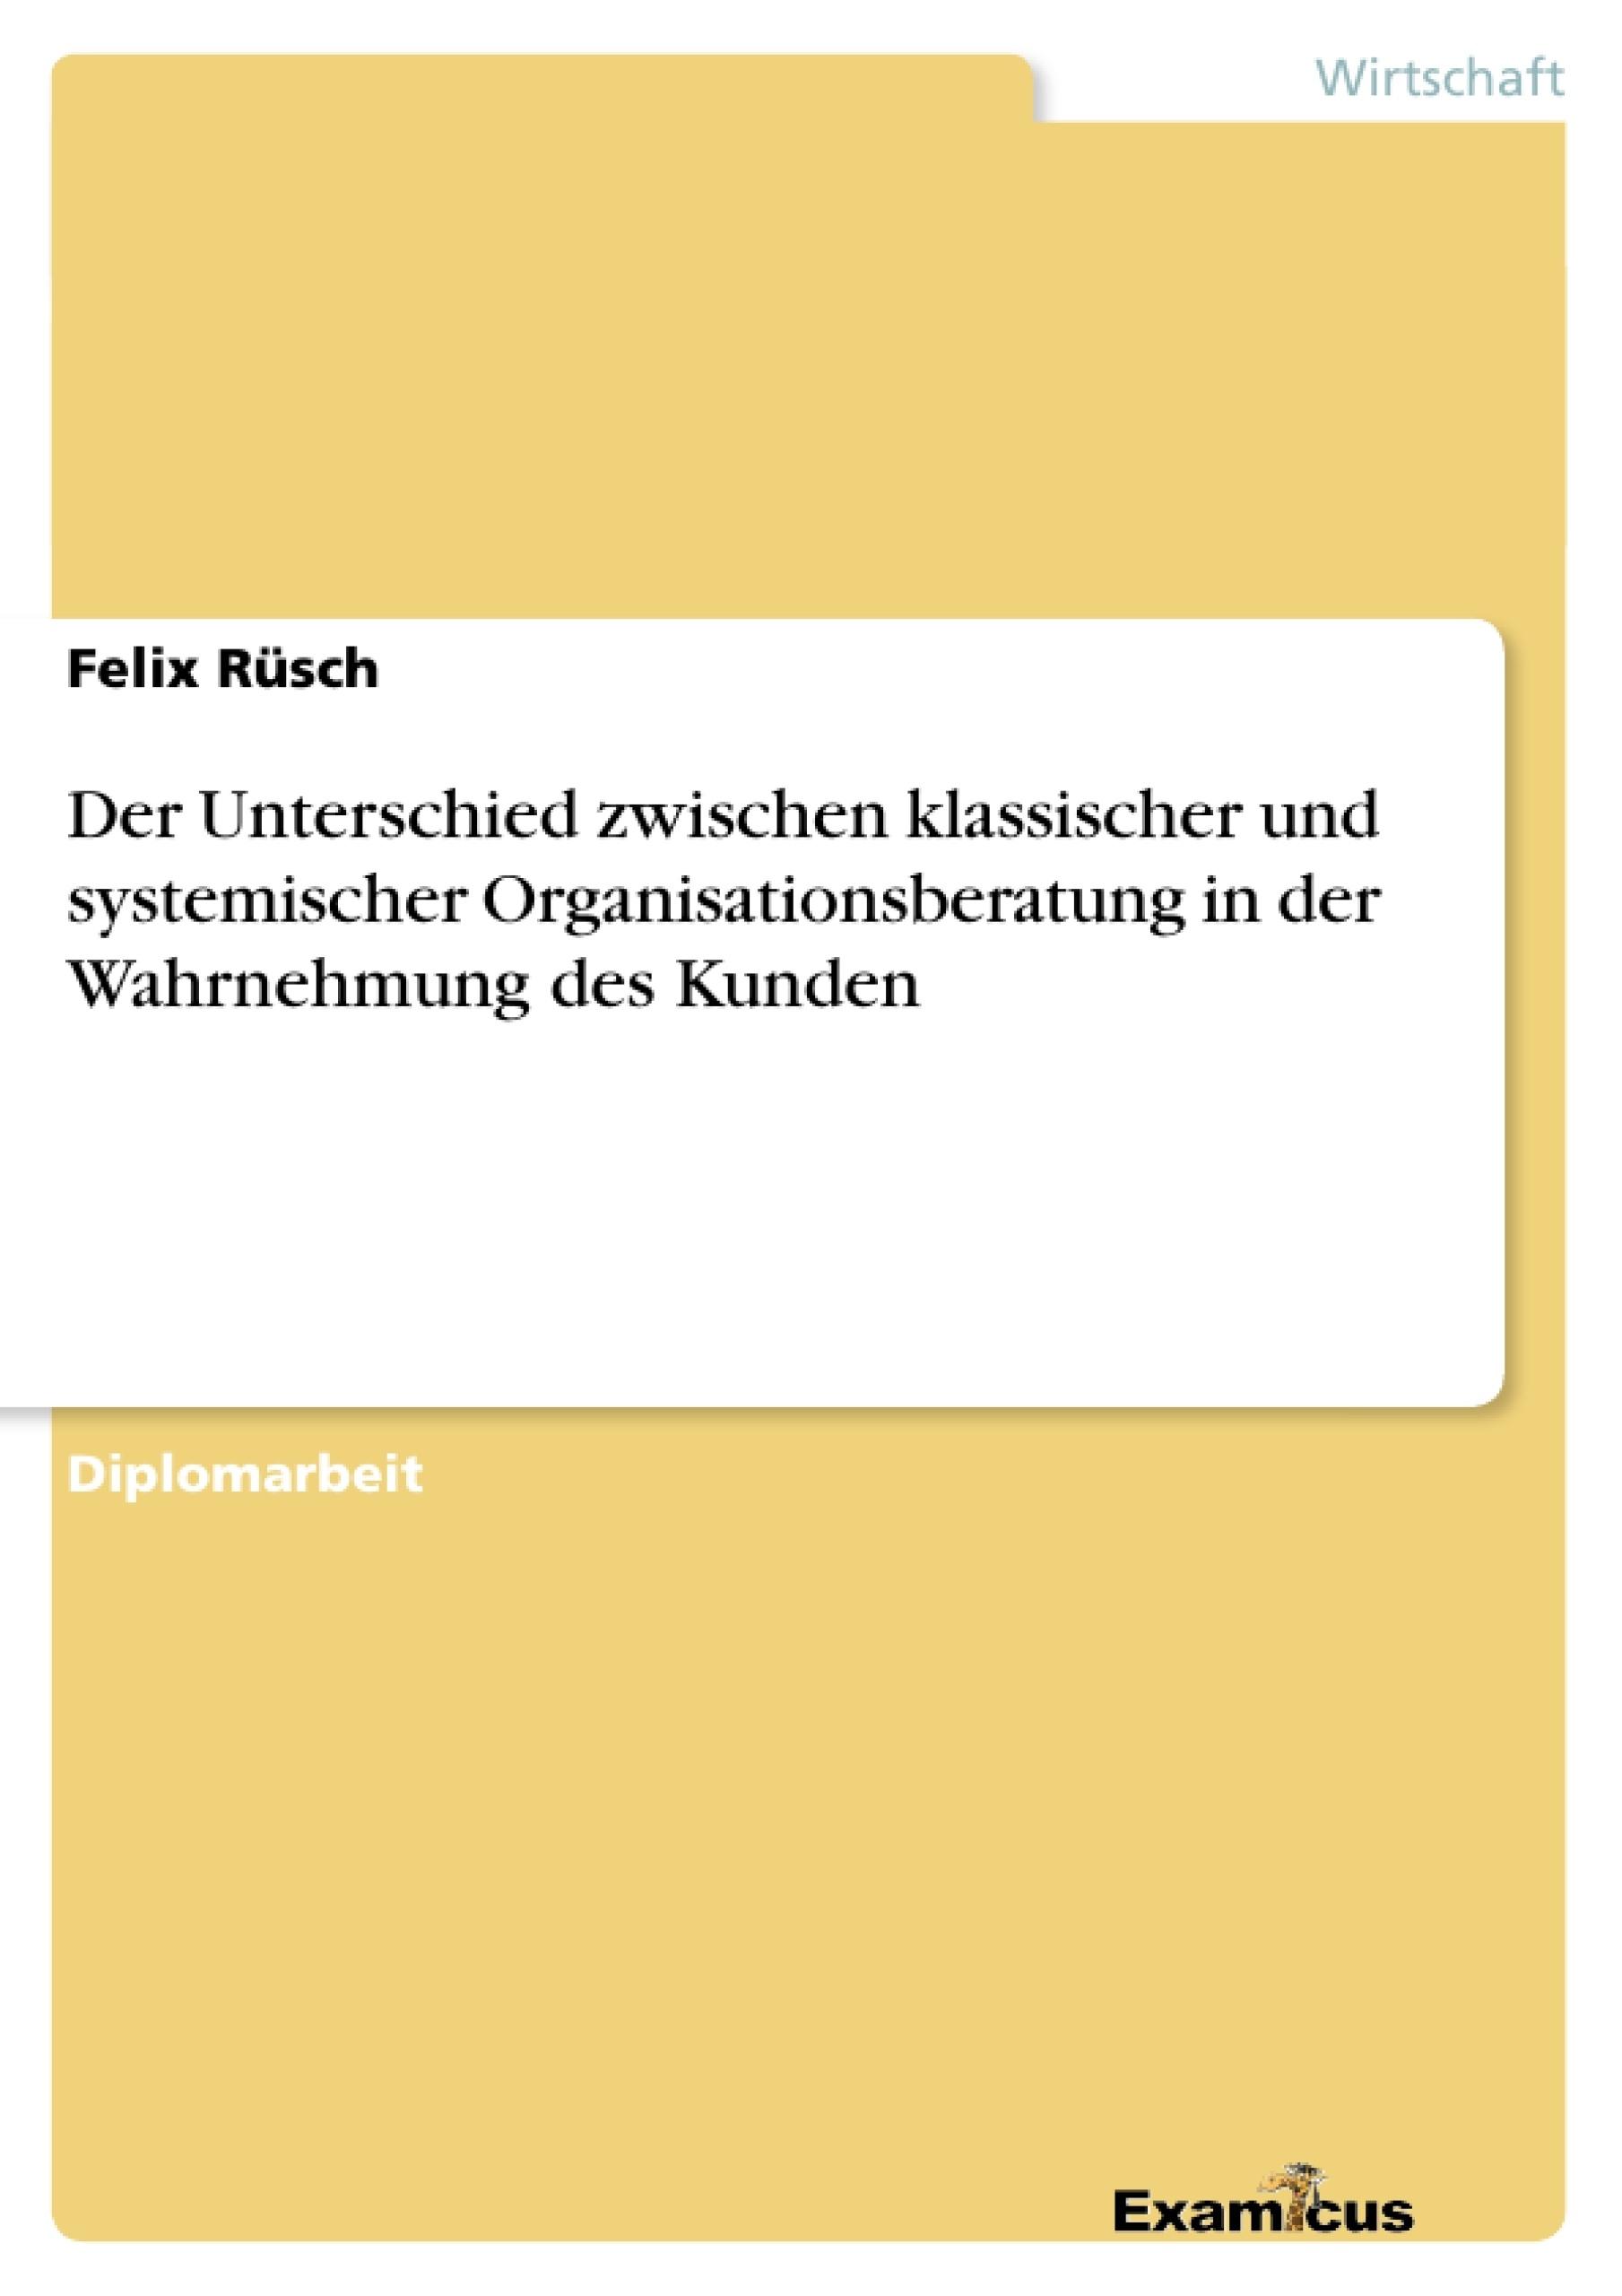 Titel: Der Unterschied zwischen klassischer und systemischer Organisationsberatung in der Wahrnehmung des Kunden